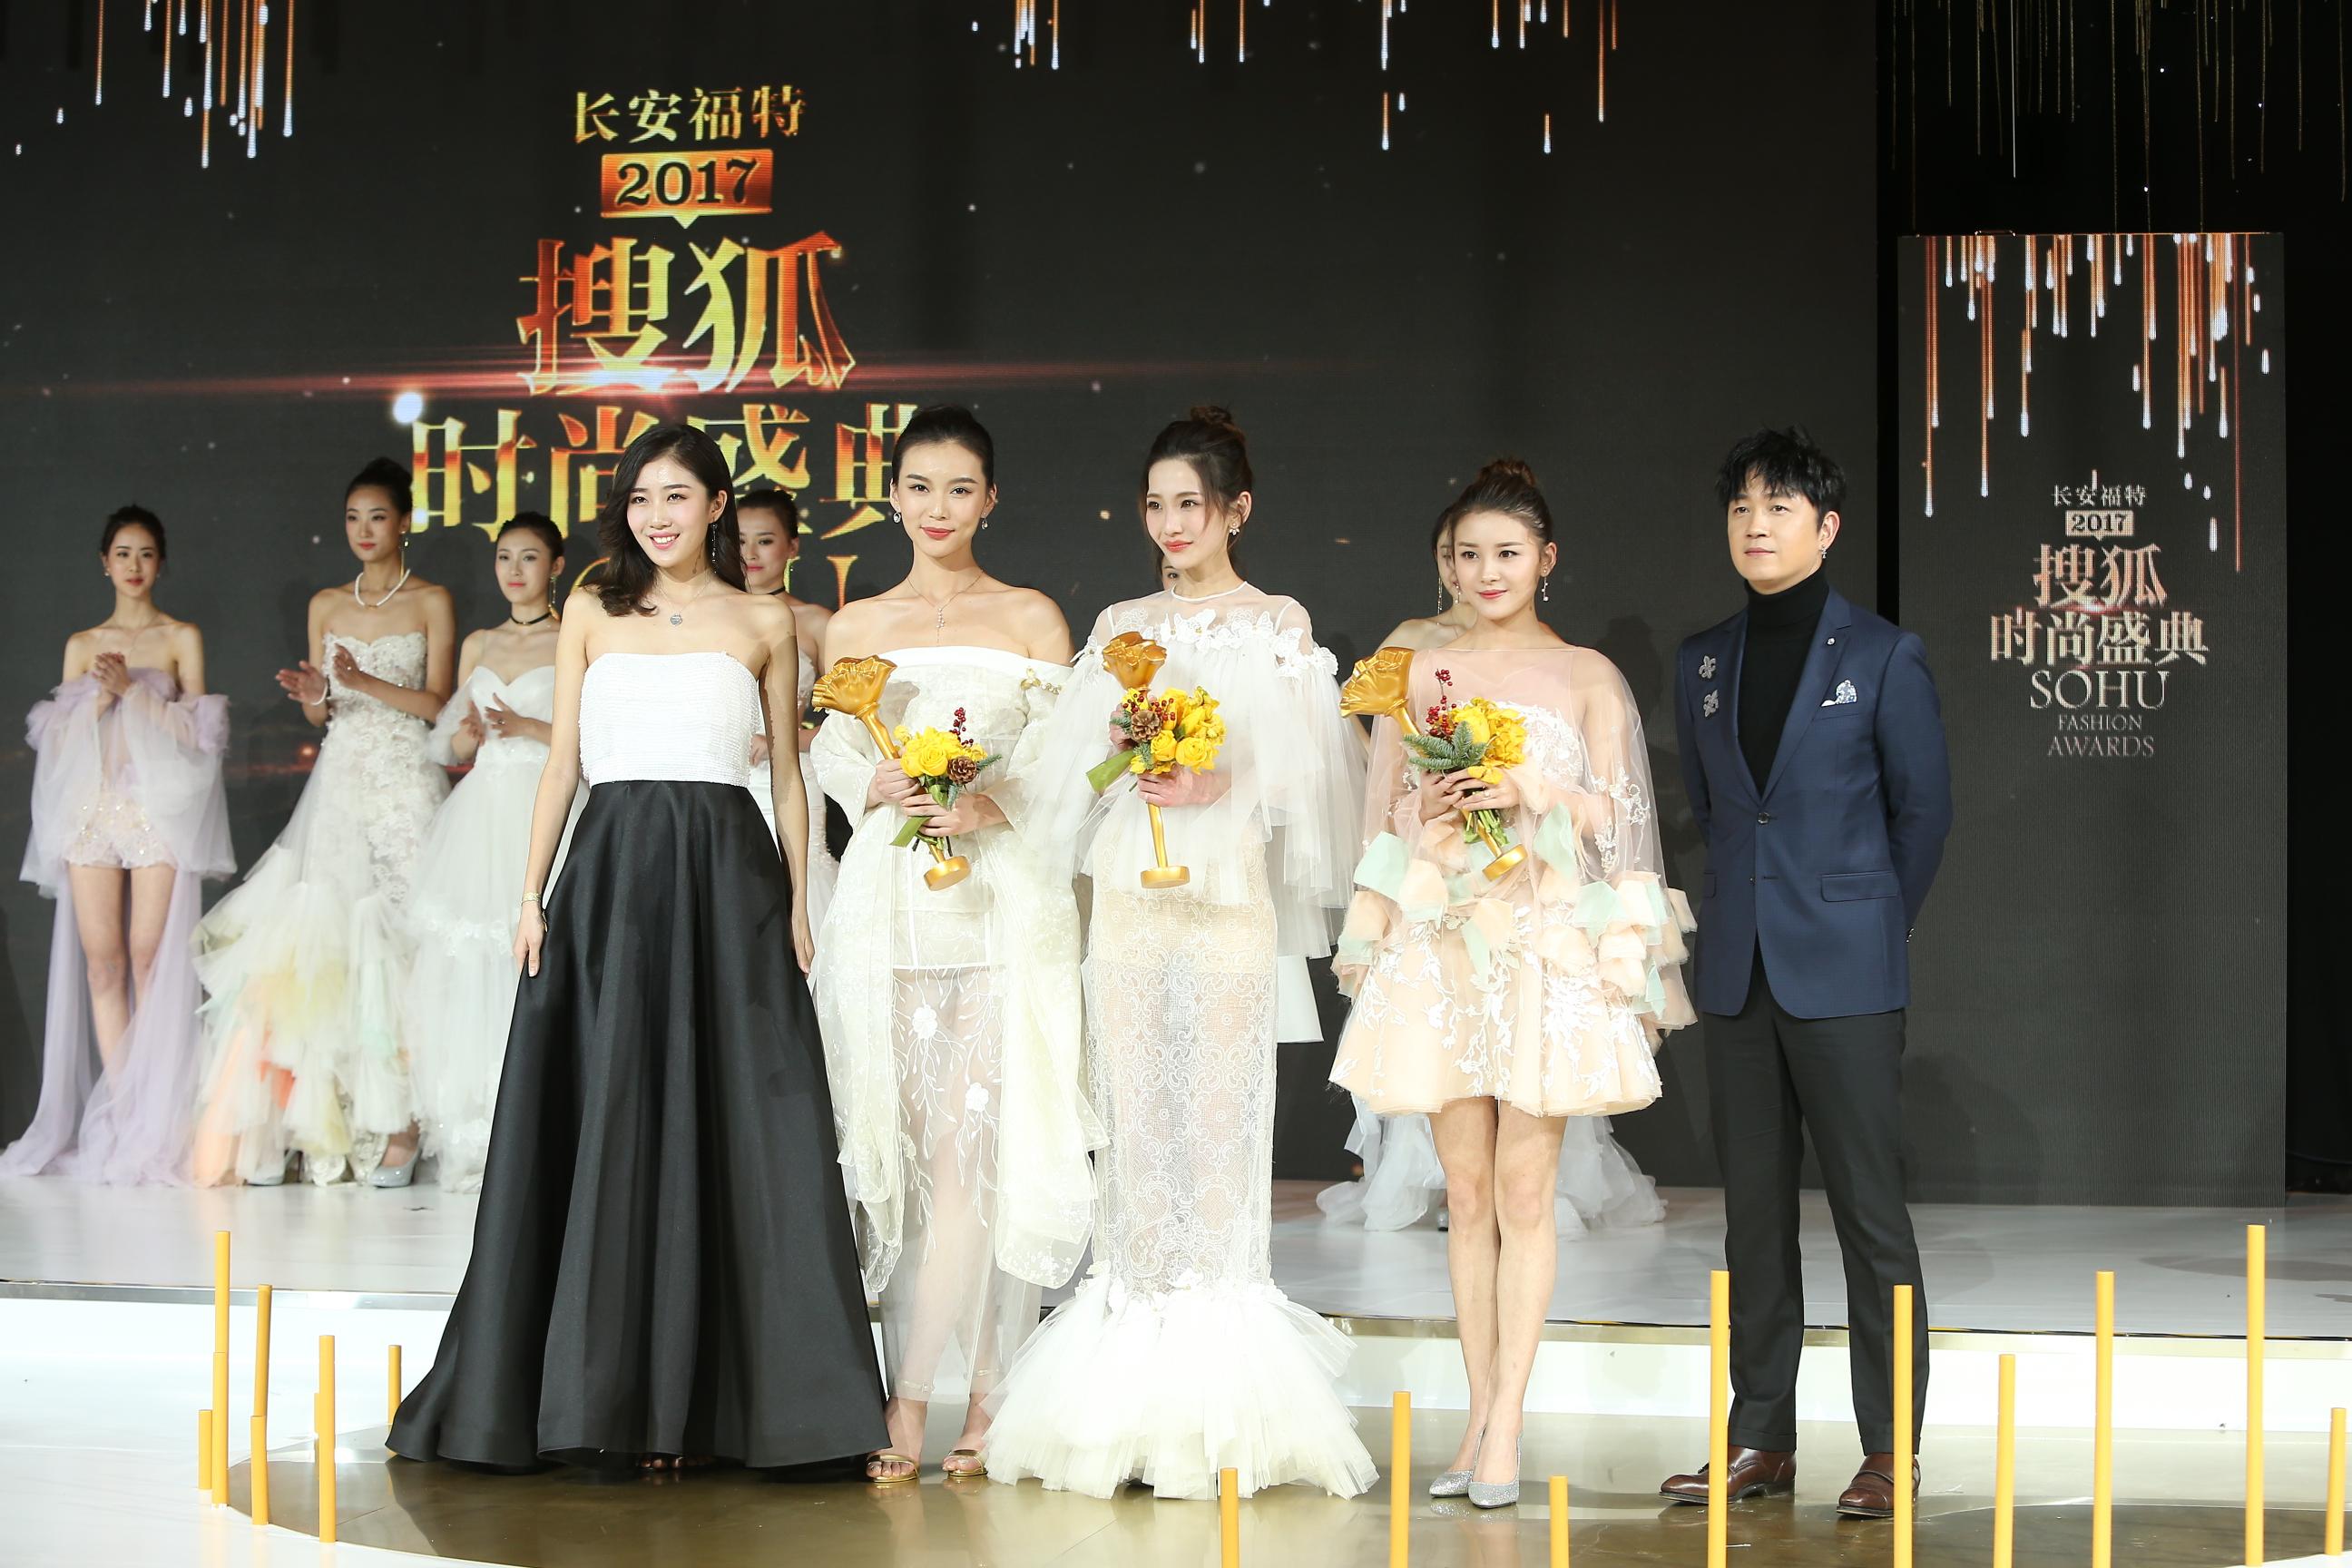 2017搜狐时尚盛典|三场大秀满屏长腿 ,年度最美女人花落谁家?